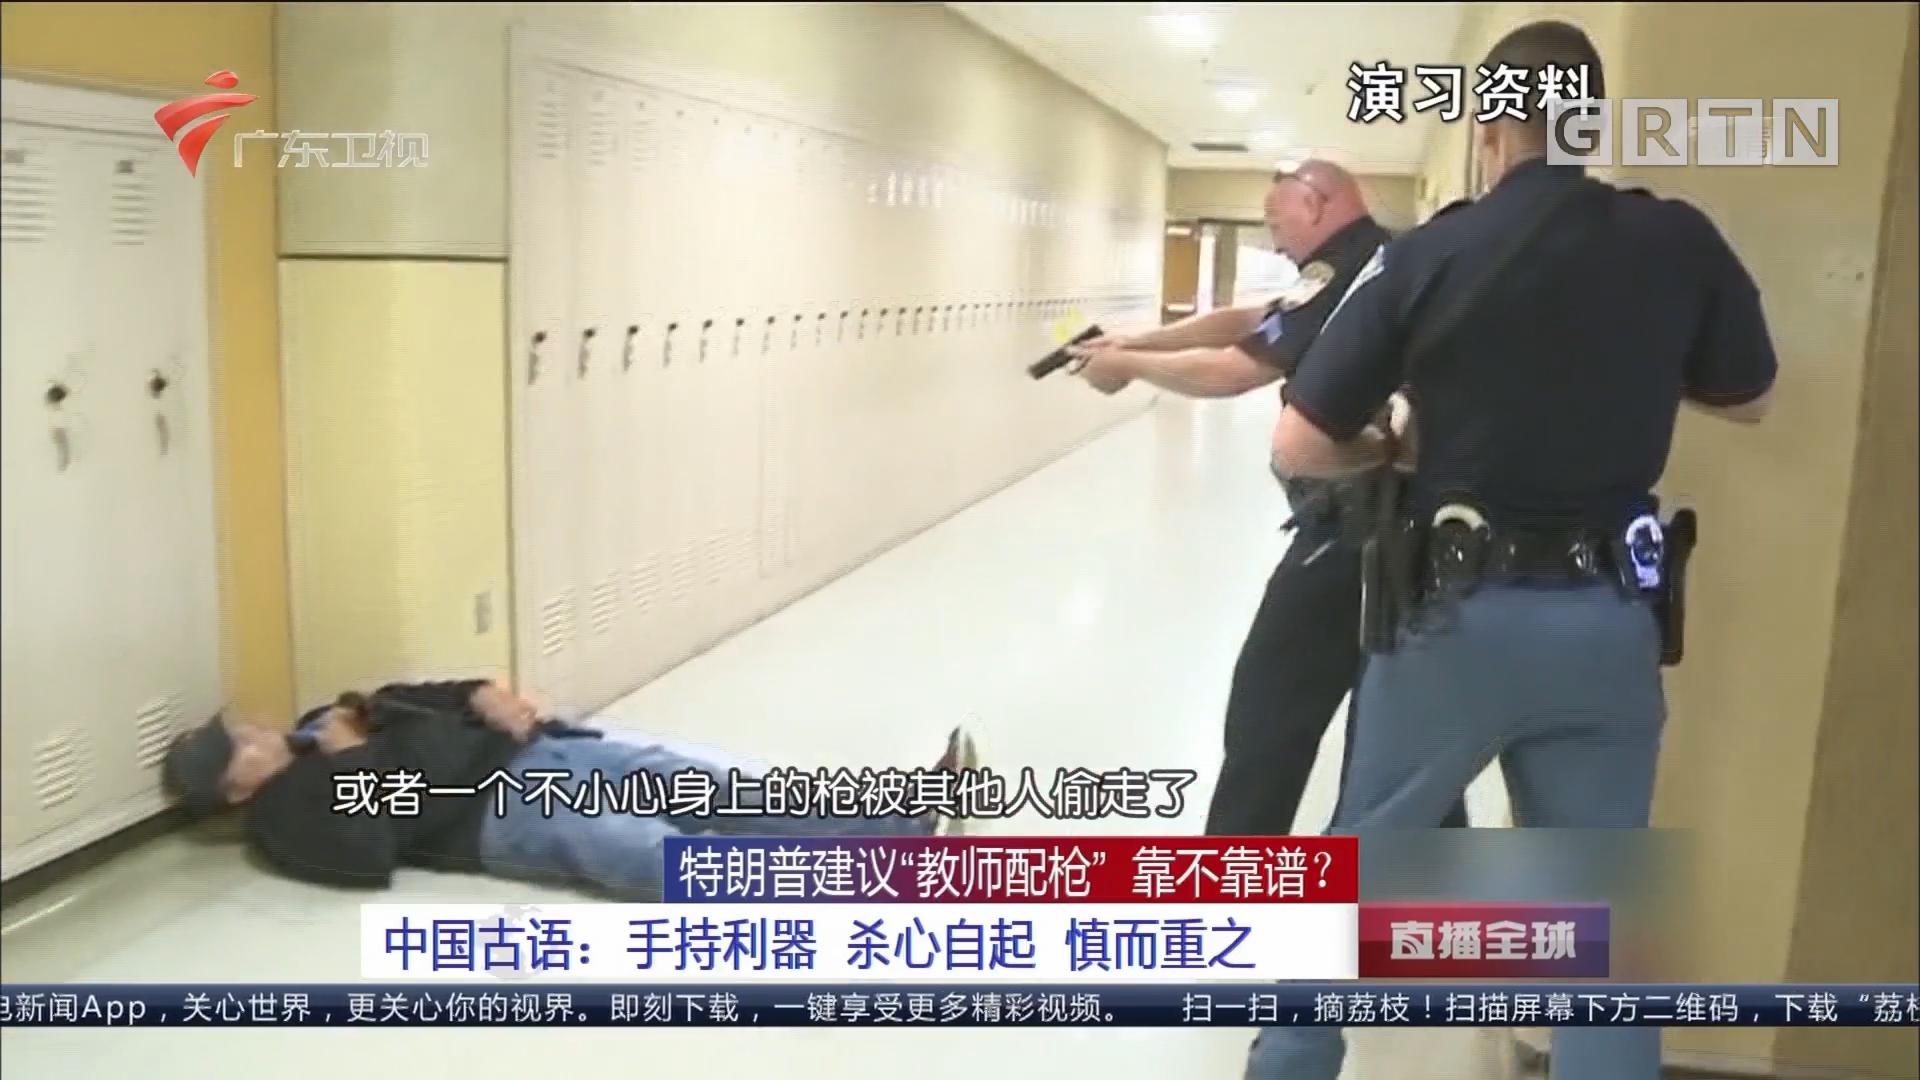 """特朗普建议""""教师配枪""""靠不靠谱?中国古语:手持利器 杀心自起 慎而重之"""